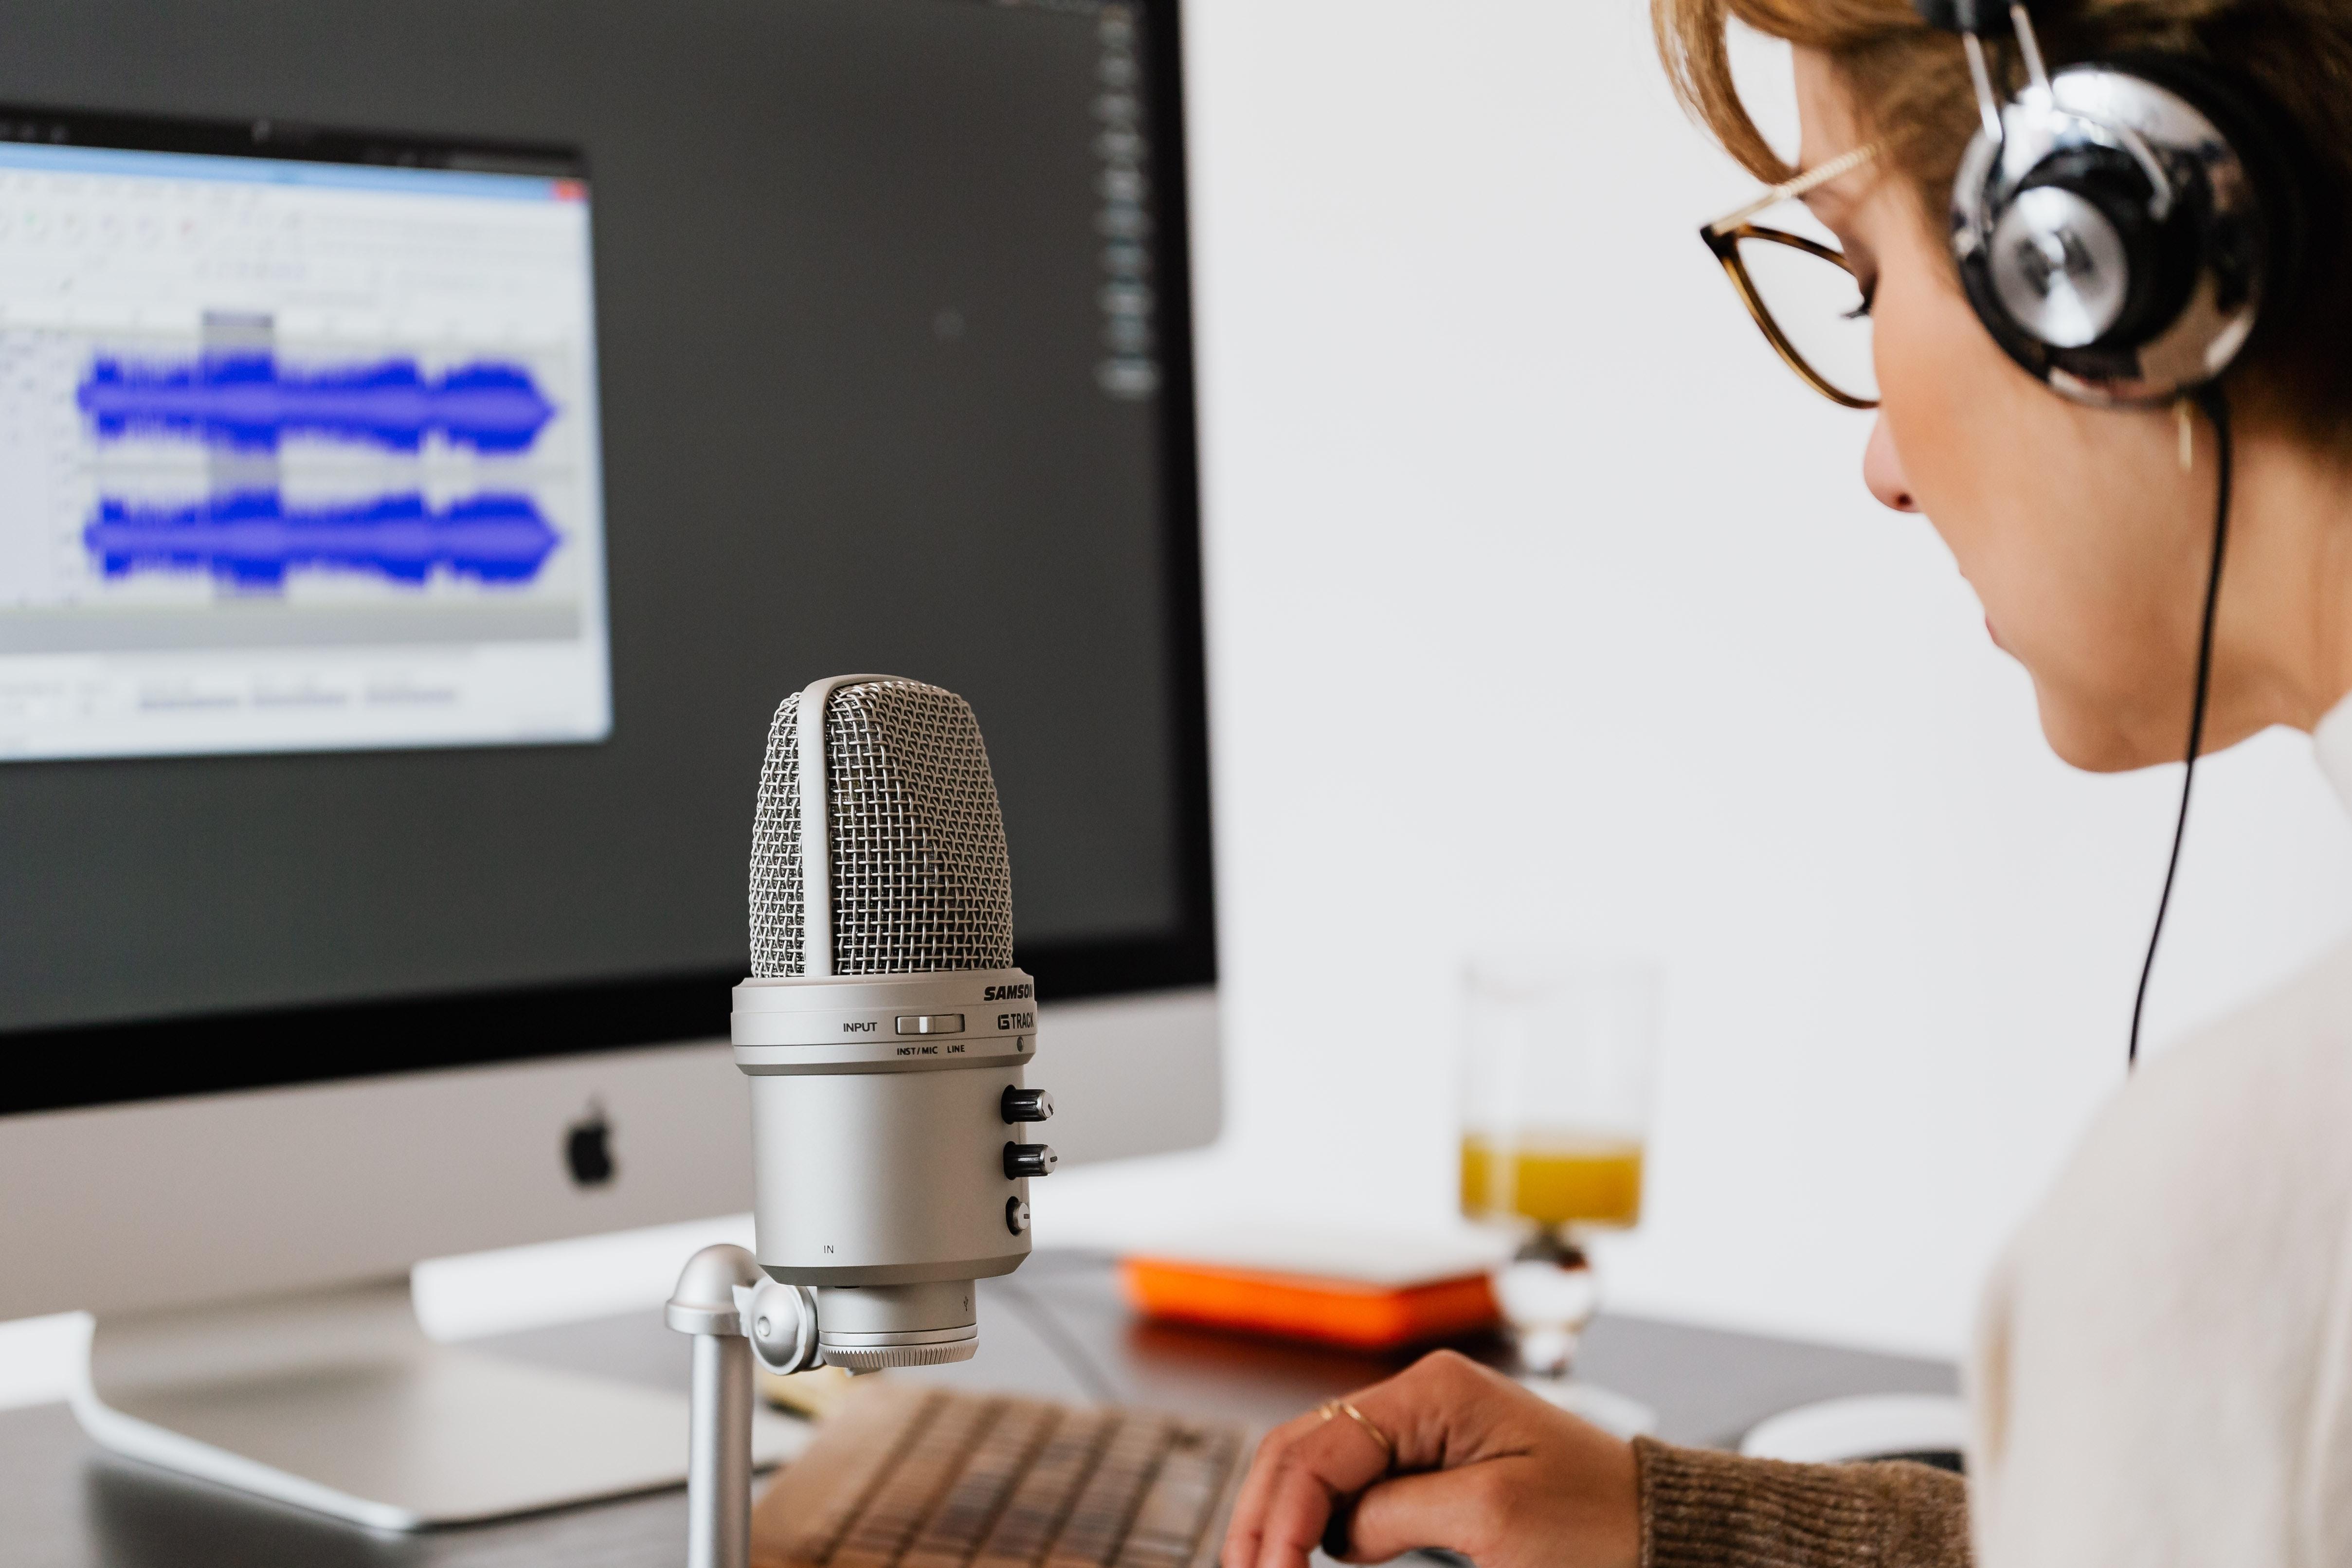 Jak připojit mikrofon k počítači?